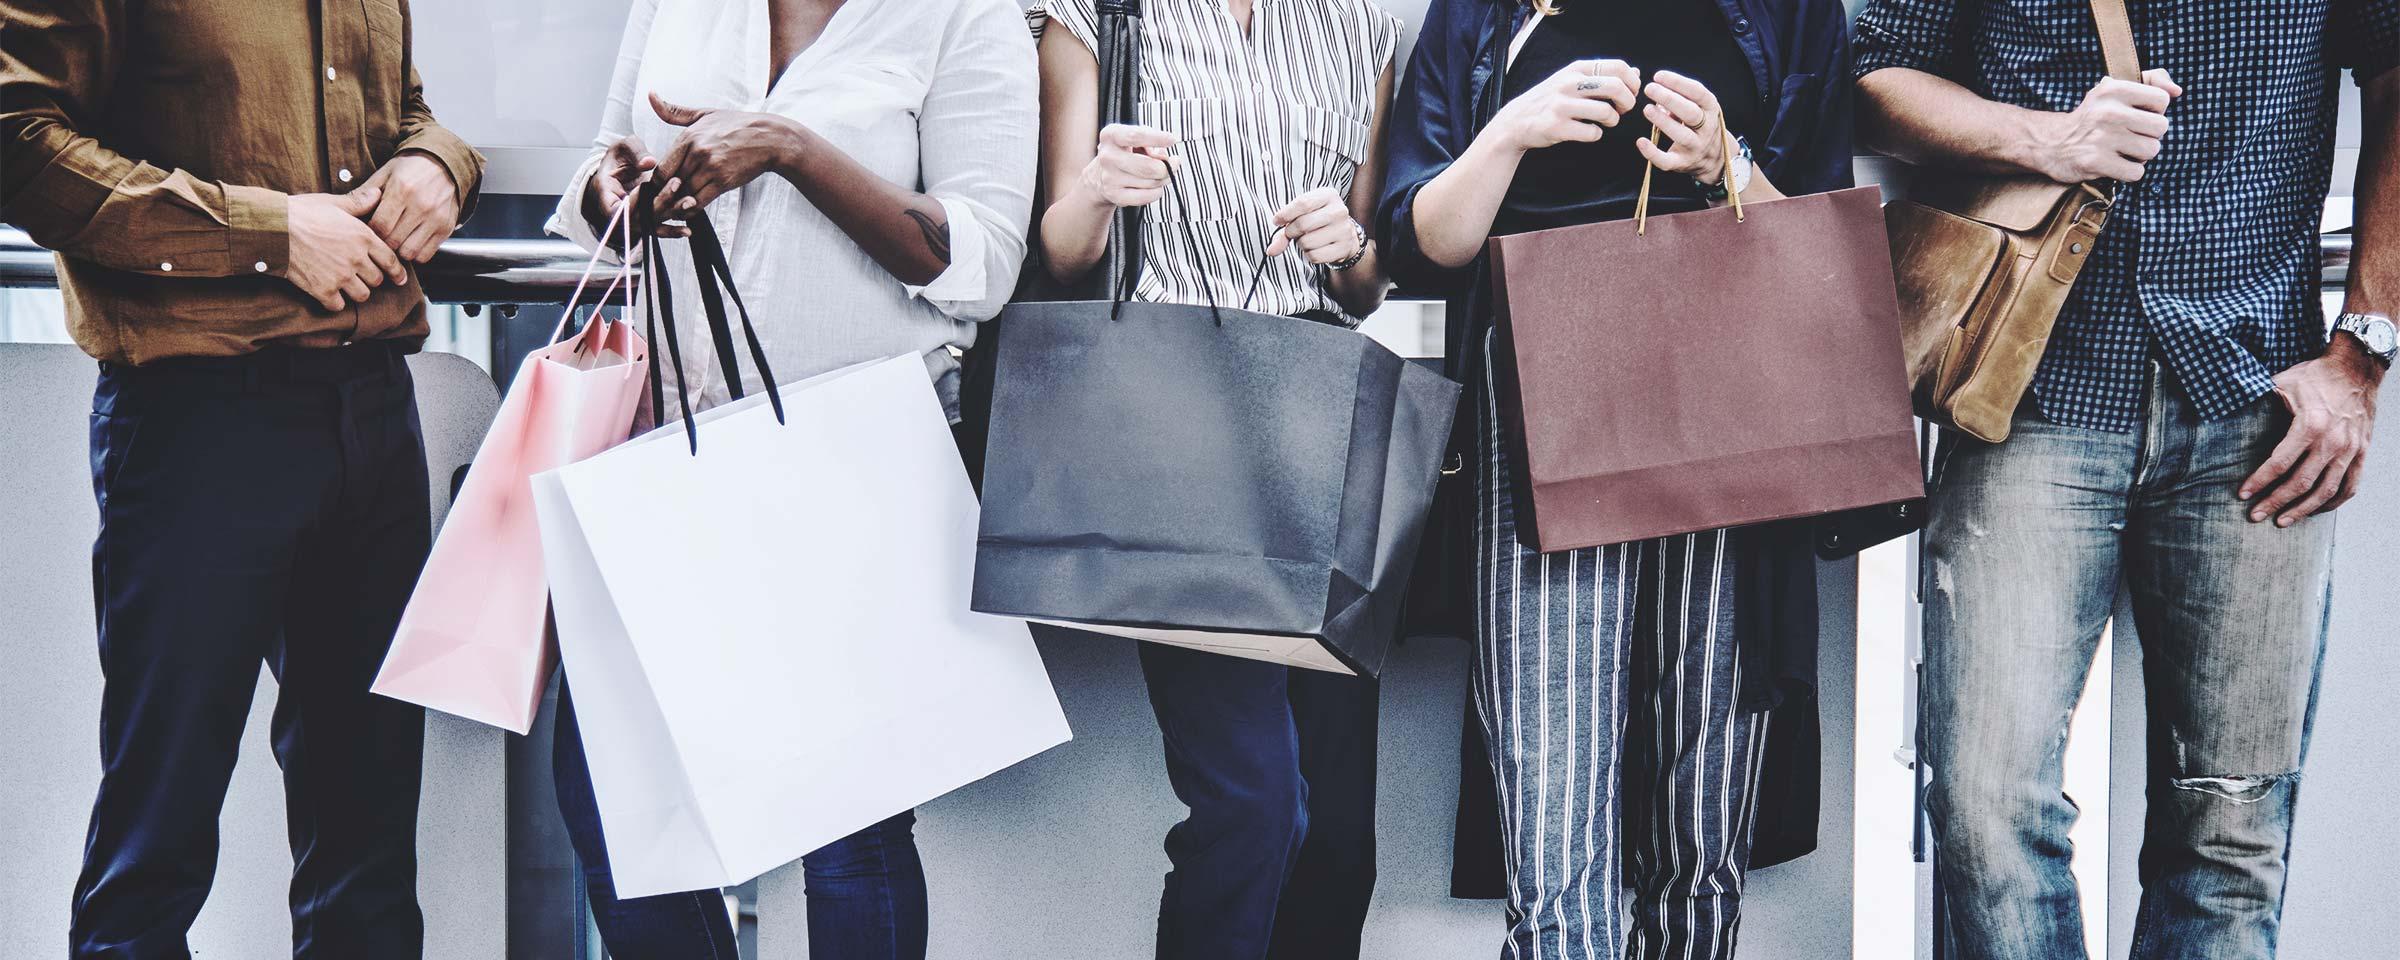 Gruppe von Menschen mit Einkaufstüten